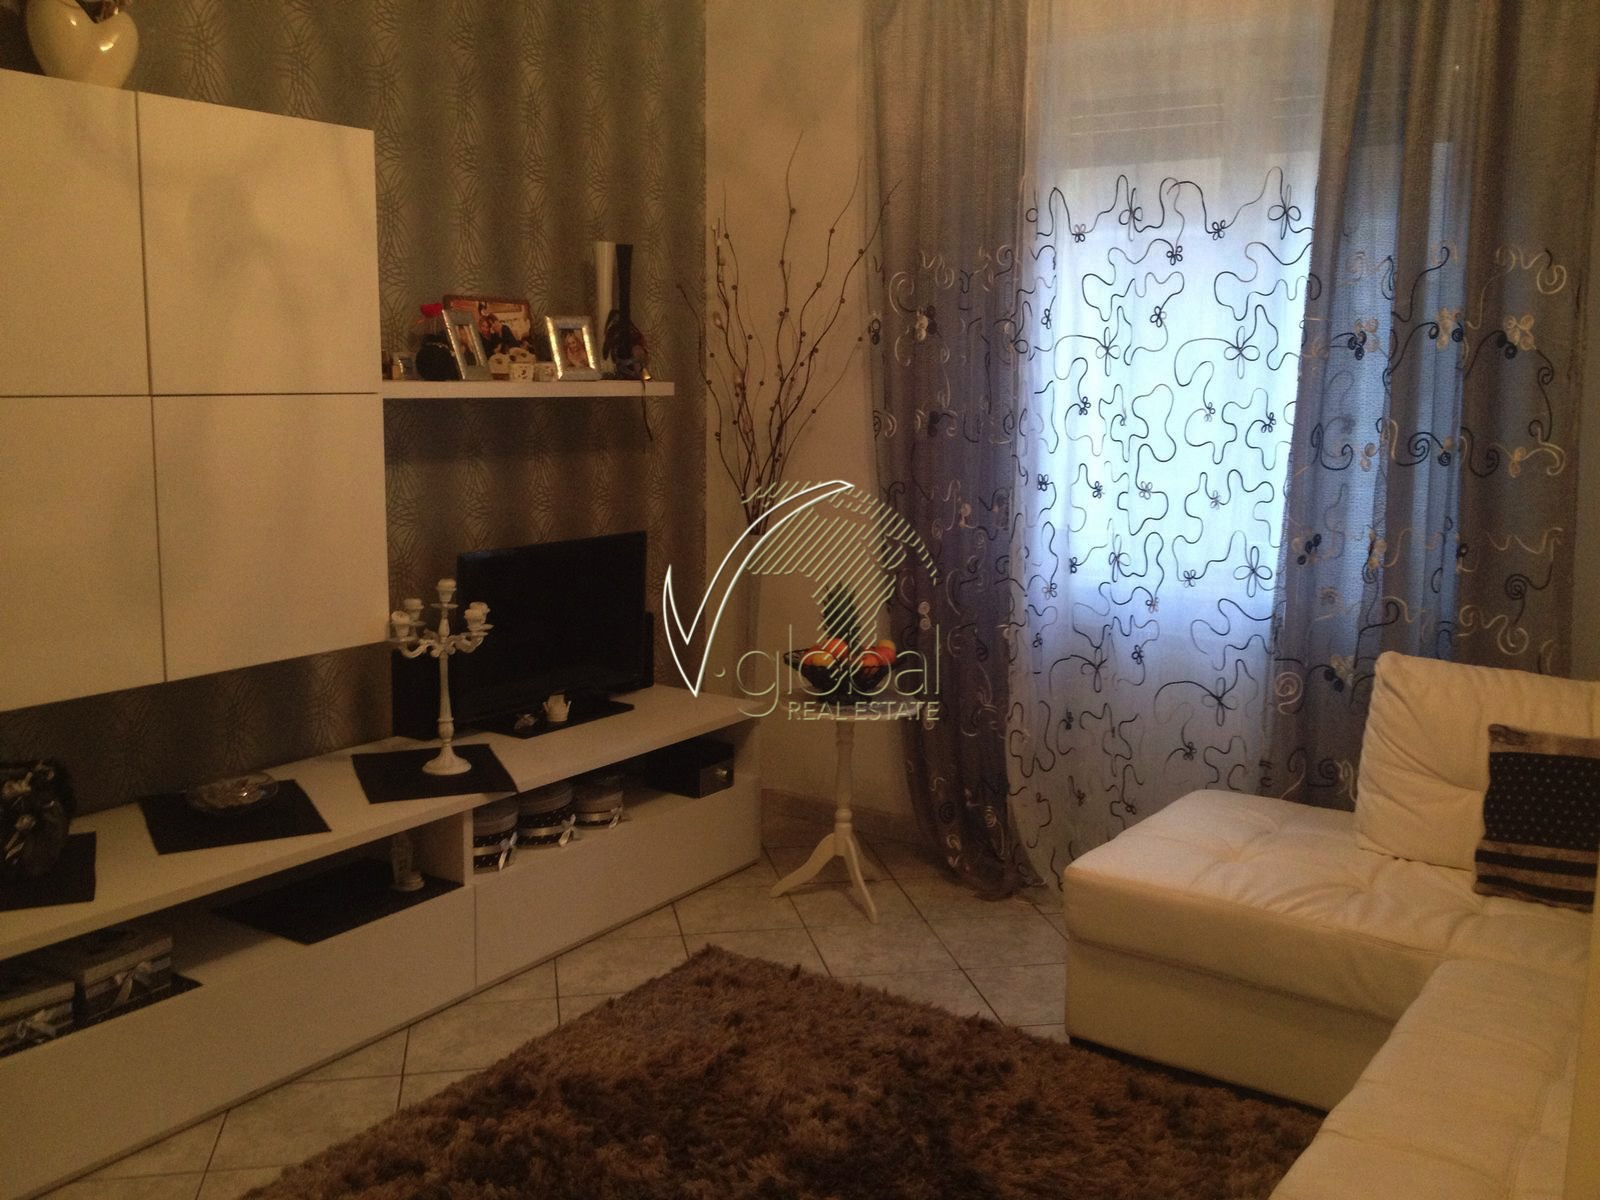 Appartamento in vendita a Livorno, 2 locali, zona Località: Periferianord, prezzo € 92.000   Cambio Casa.it